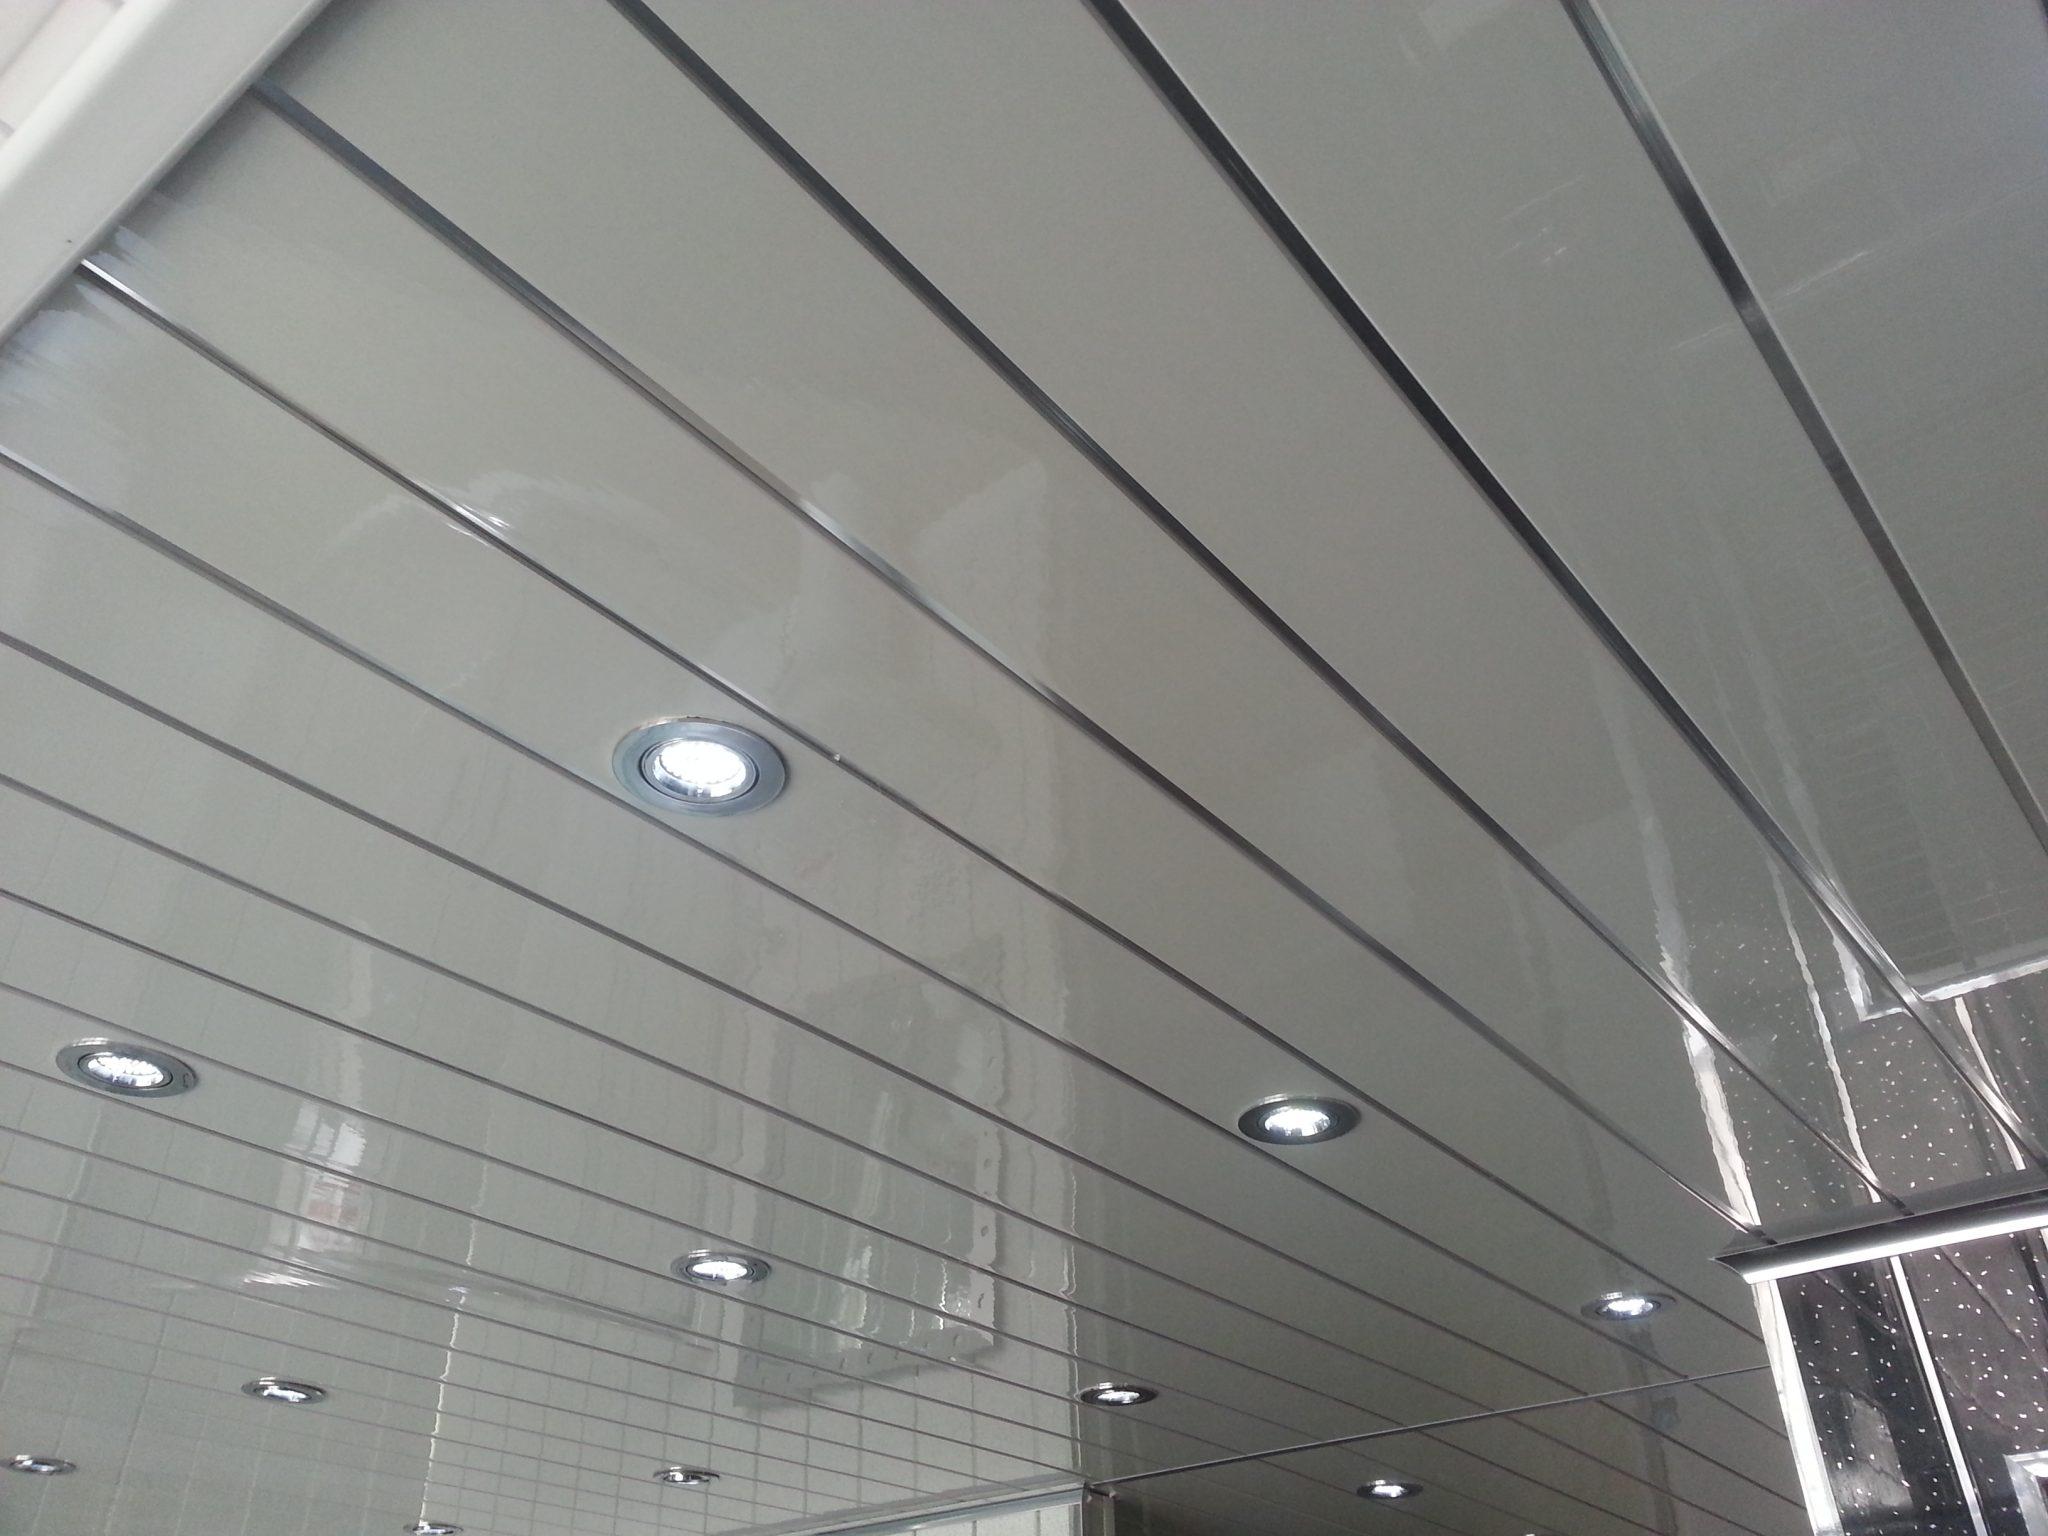 Temukan Beragam Model dan Ukuran Plafon PVC Modern - Urgensi Penggunaan Plafon PVC Sebagai Alternatif Pengganti Plafon Berbahan Tripleks, Eternit, dan Gypsum